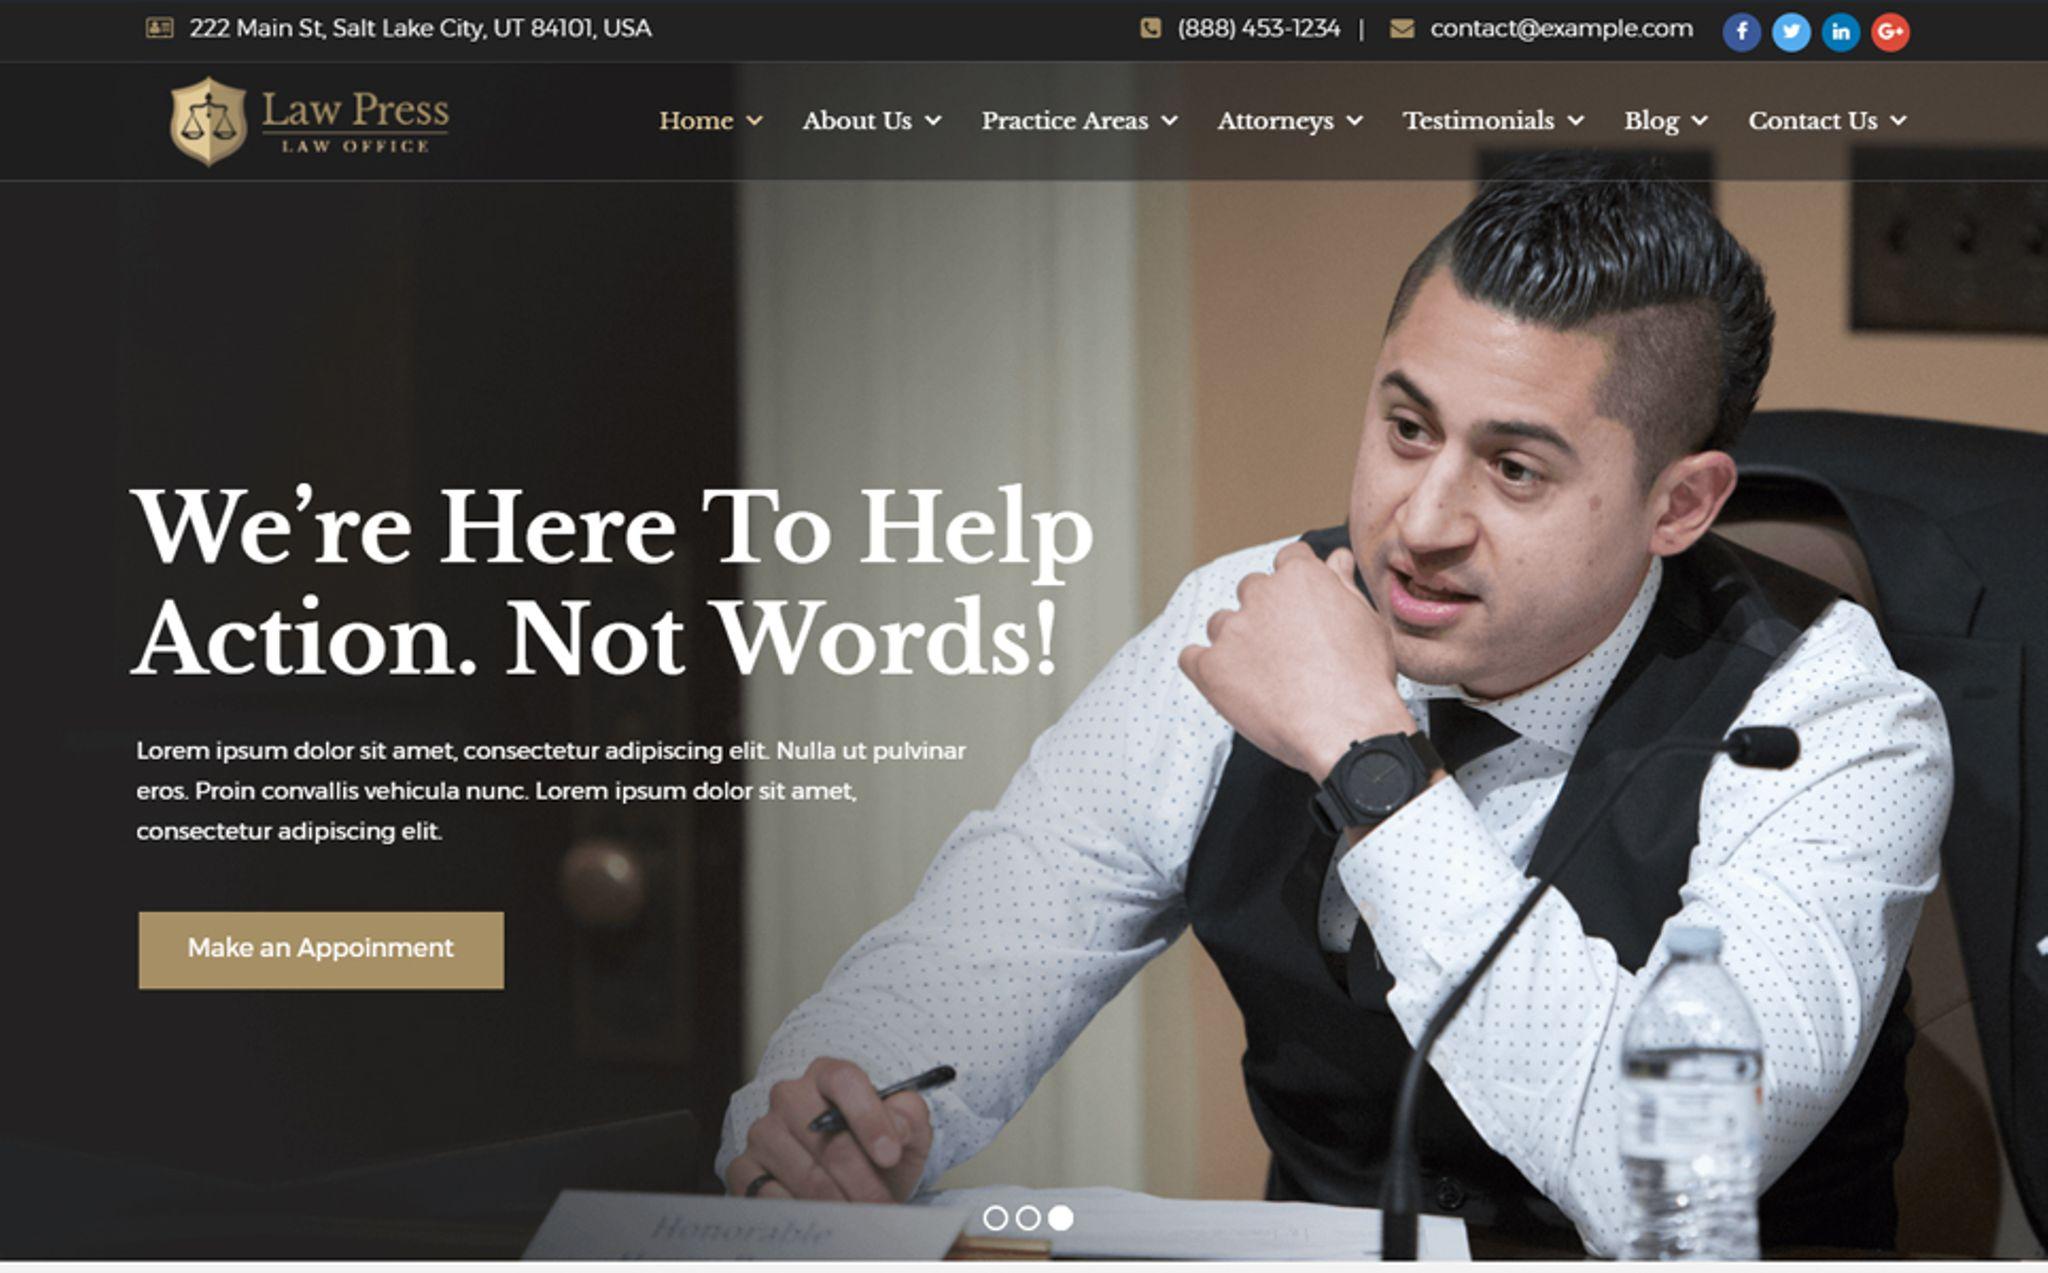 LawPress - Law Agency WordPress Theme #65449